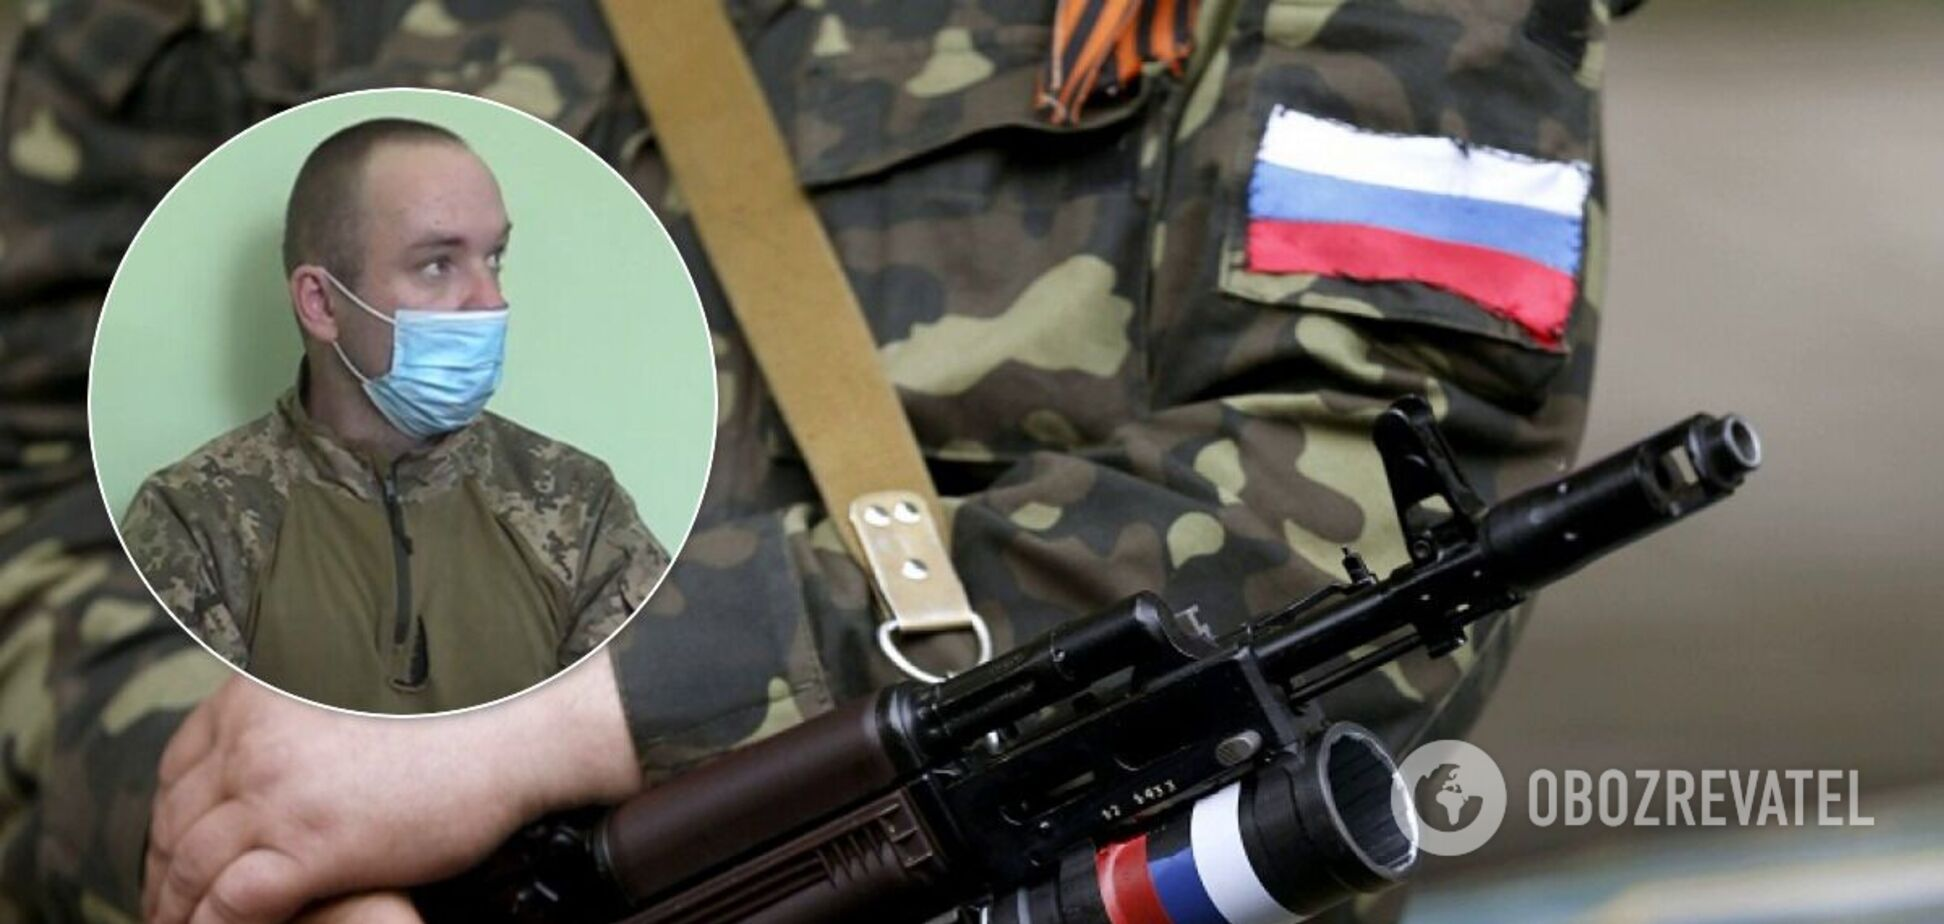 Оккупанты используют факт захвата бойца для дискредитации ВСУ